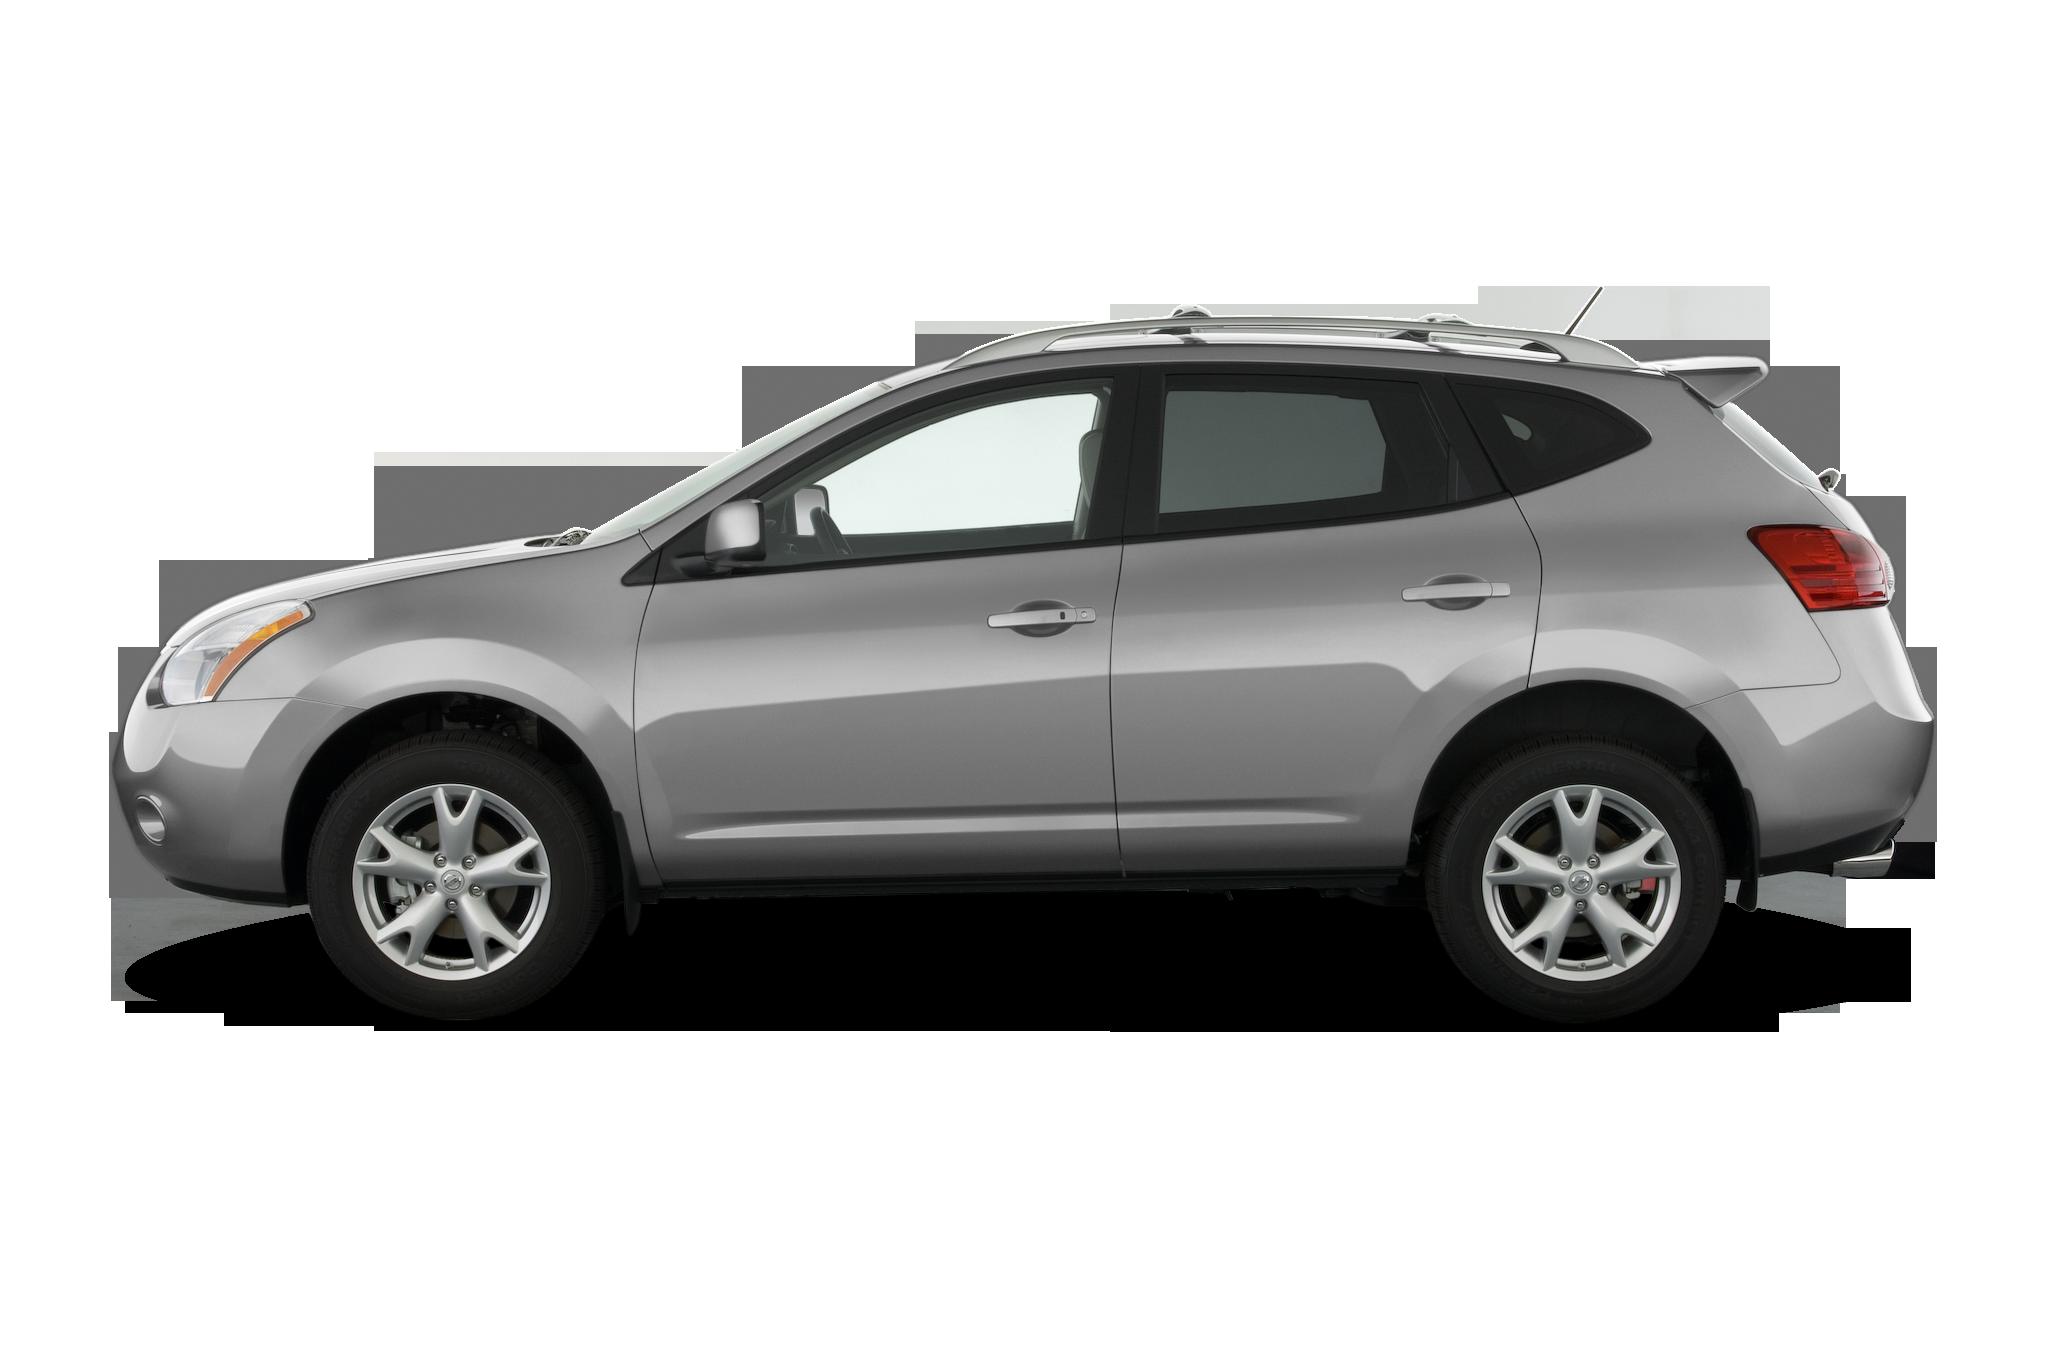 Nissan Rogue I 2007 - 2010 SUV 5 door :: OUTSTANDING CARS